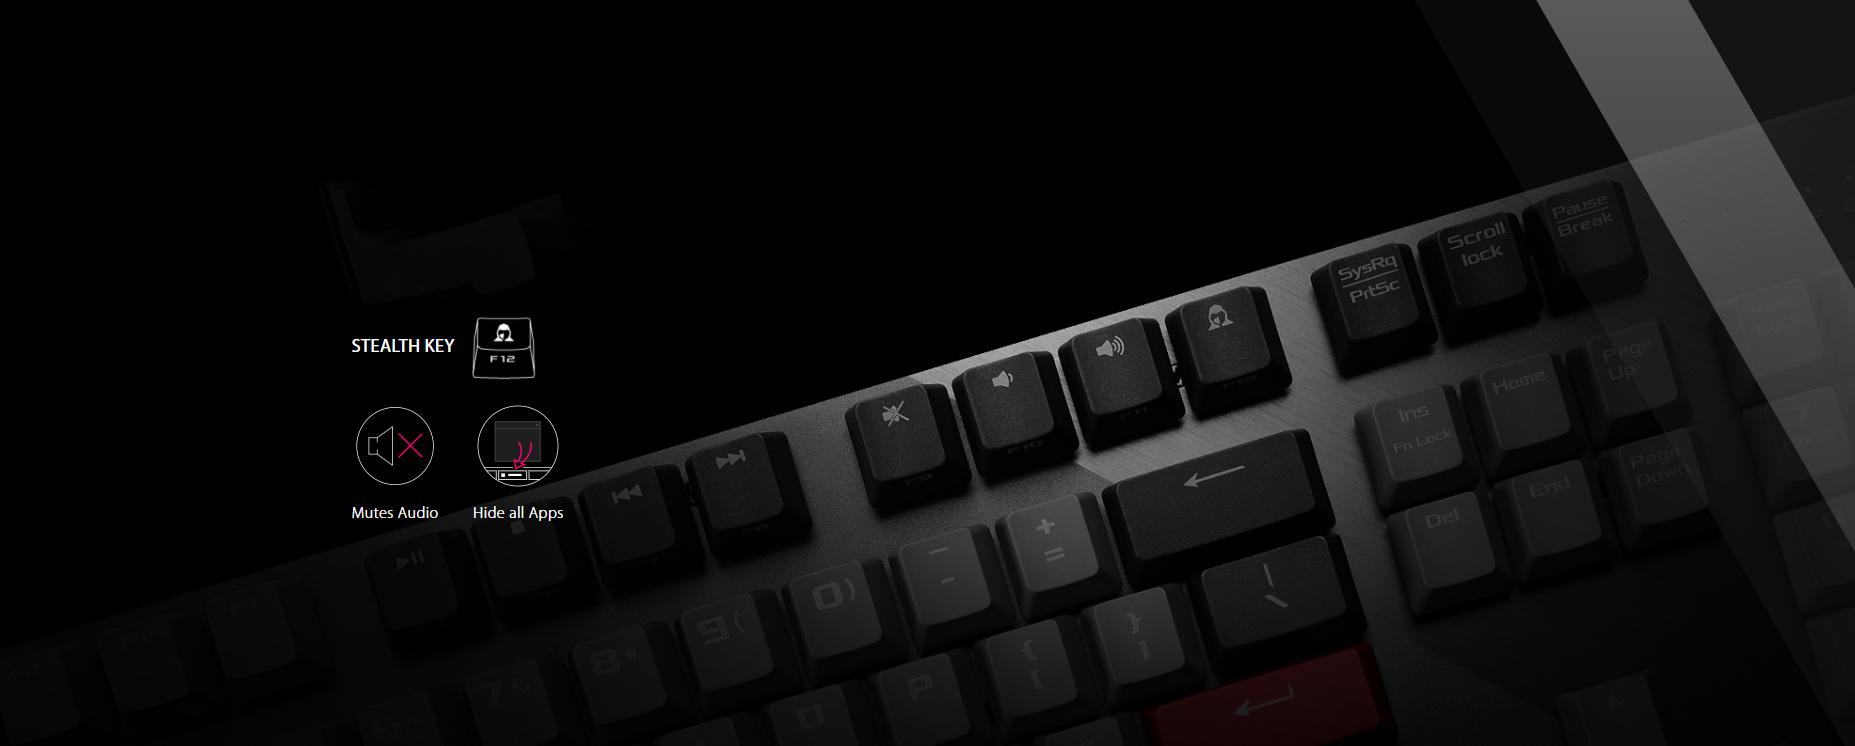 Bàn phím Asus ROG Strix Scope PBT (USB/Blue sw) có thể tắt nhanh ứng dụng và âm thanh